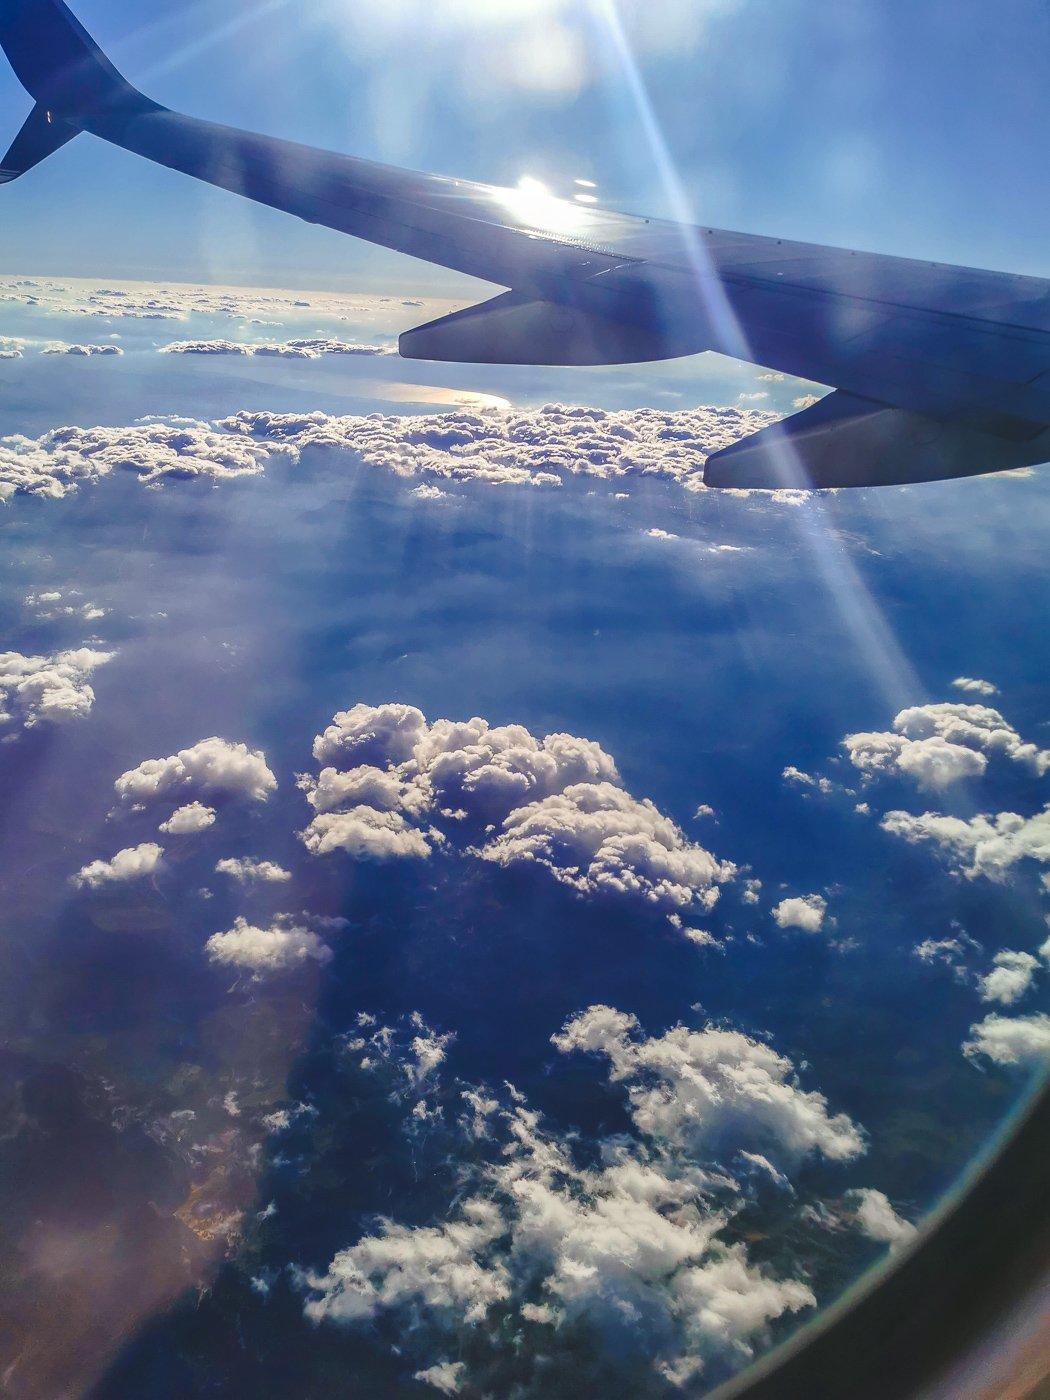 conny doll lifestyle: Mein Erfahrungsbericht zu Flugreisen in Coronazeiten mit ein bisschen Beachflair